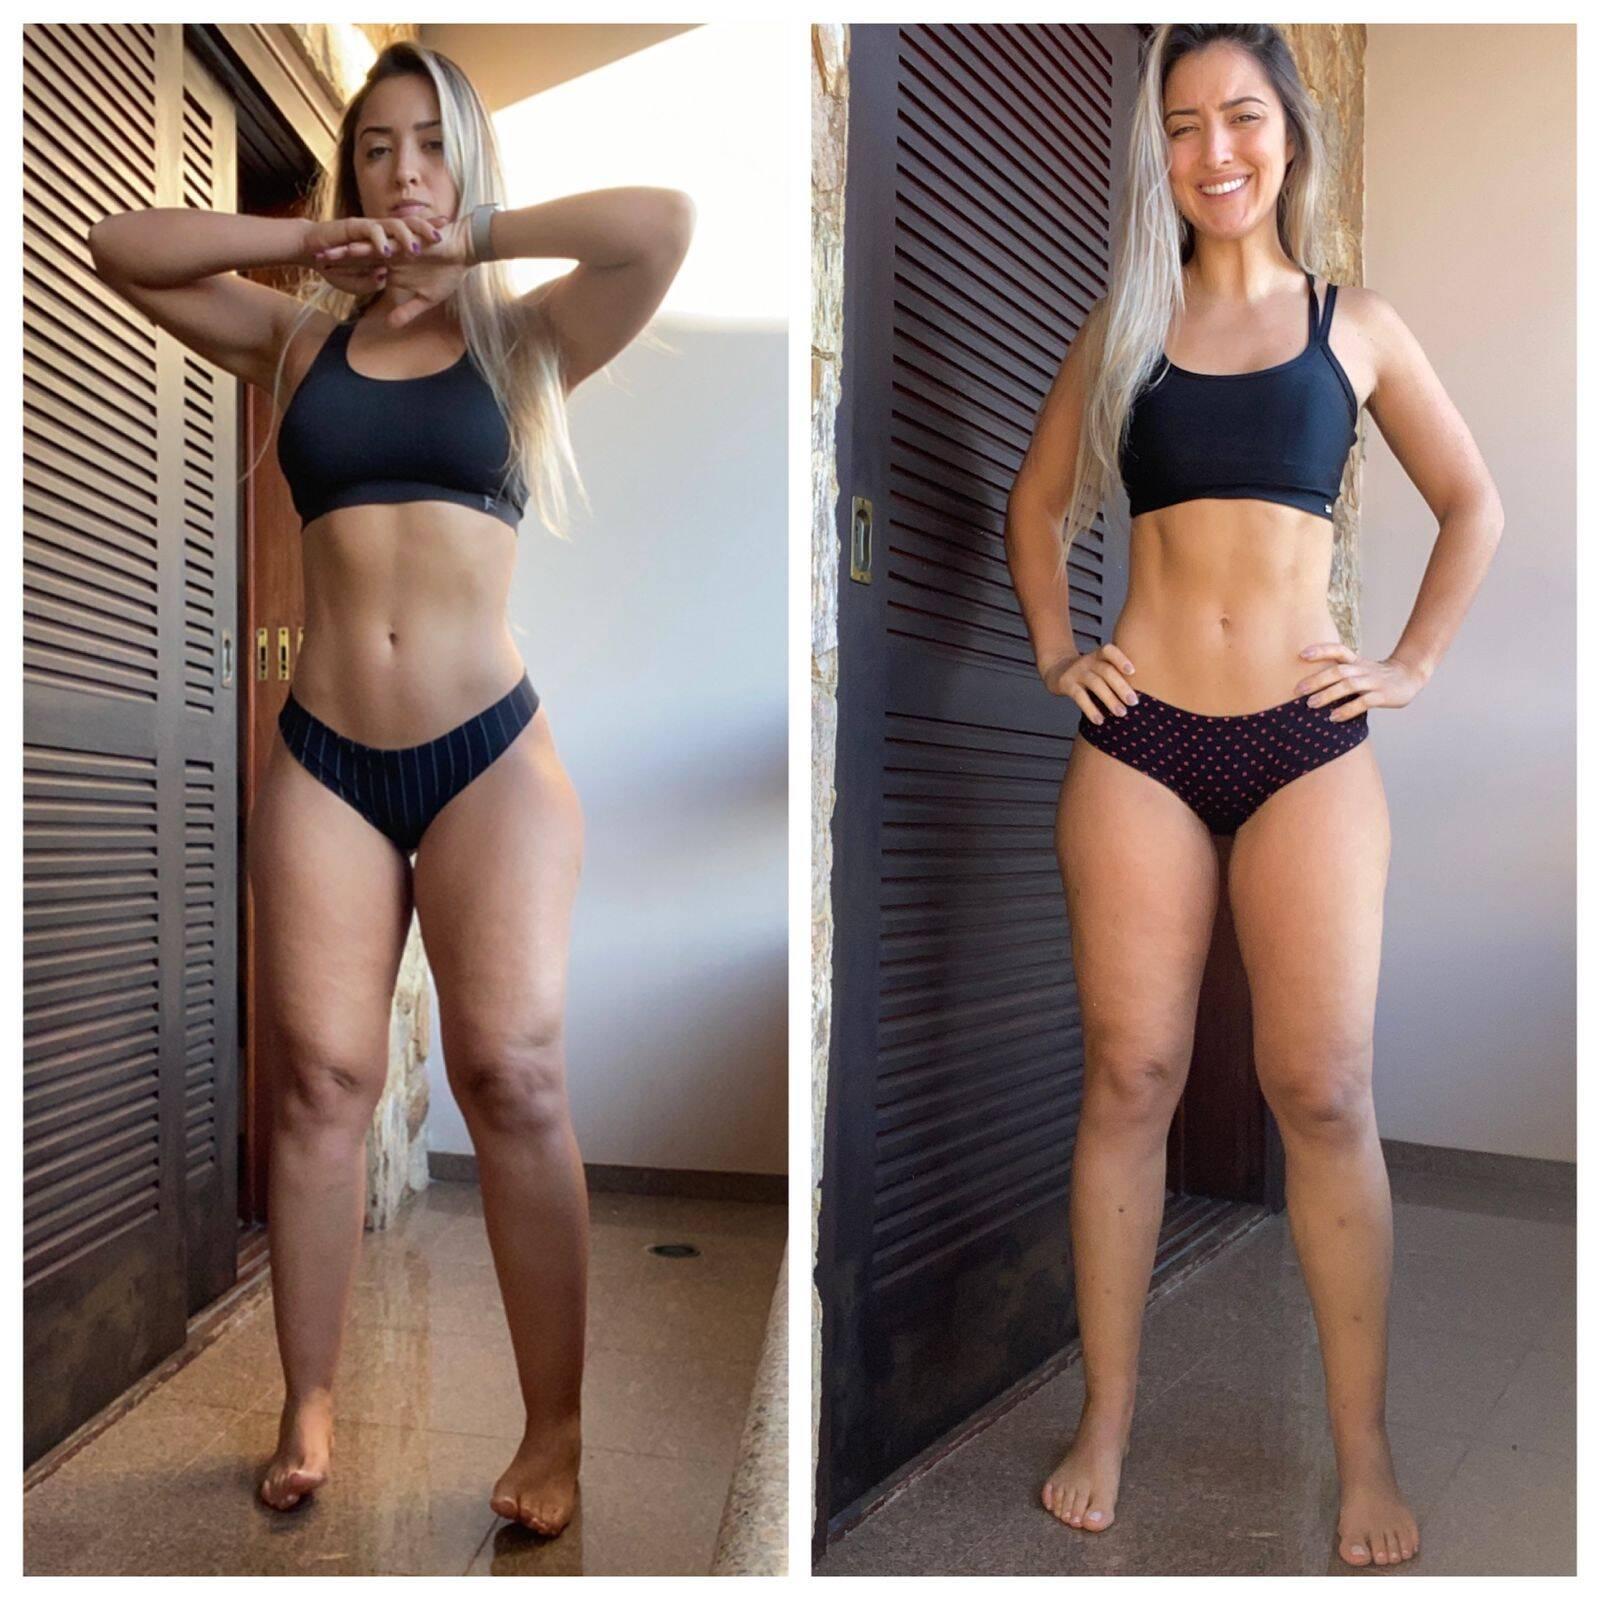 Gabriela Martinez antes e depois da cirurgia de lipoaspiração e de iniciar tratamento. Foto: Acervo pessoal